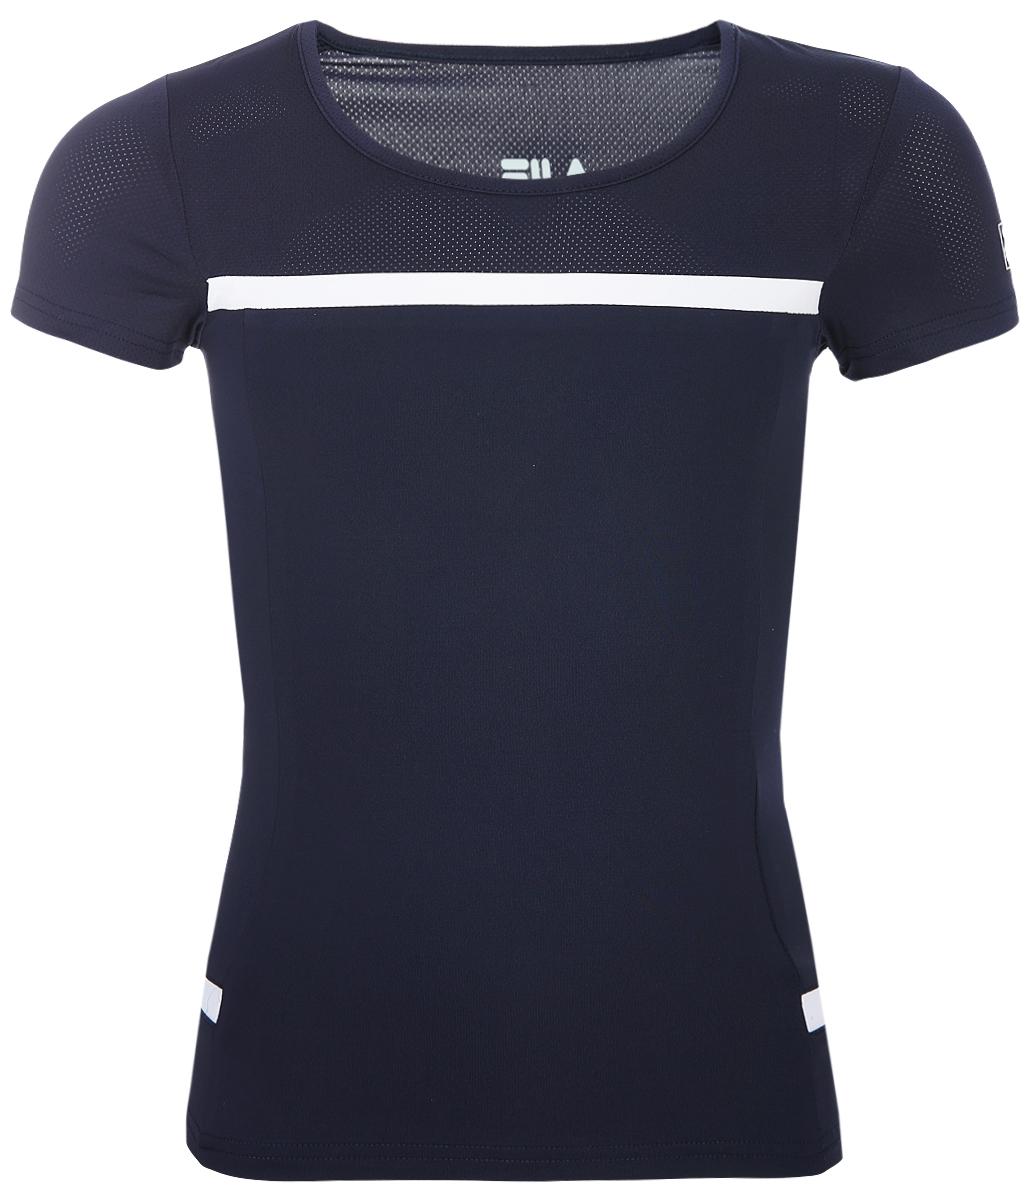 Футболка для девочки Fila, цвет: сапфировый. A19AFLTSG04-Z3. Размер 164 футболка для девочки fila цвет белый a19afltsg02 00 размер 164